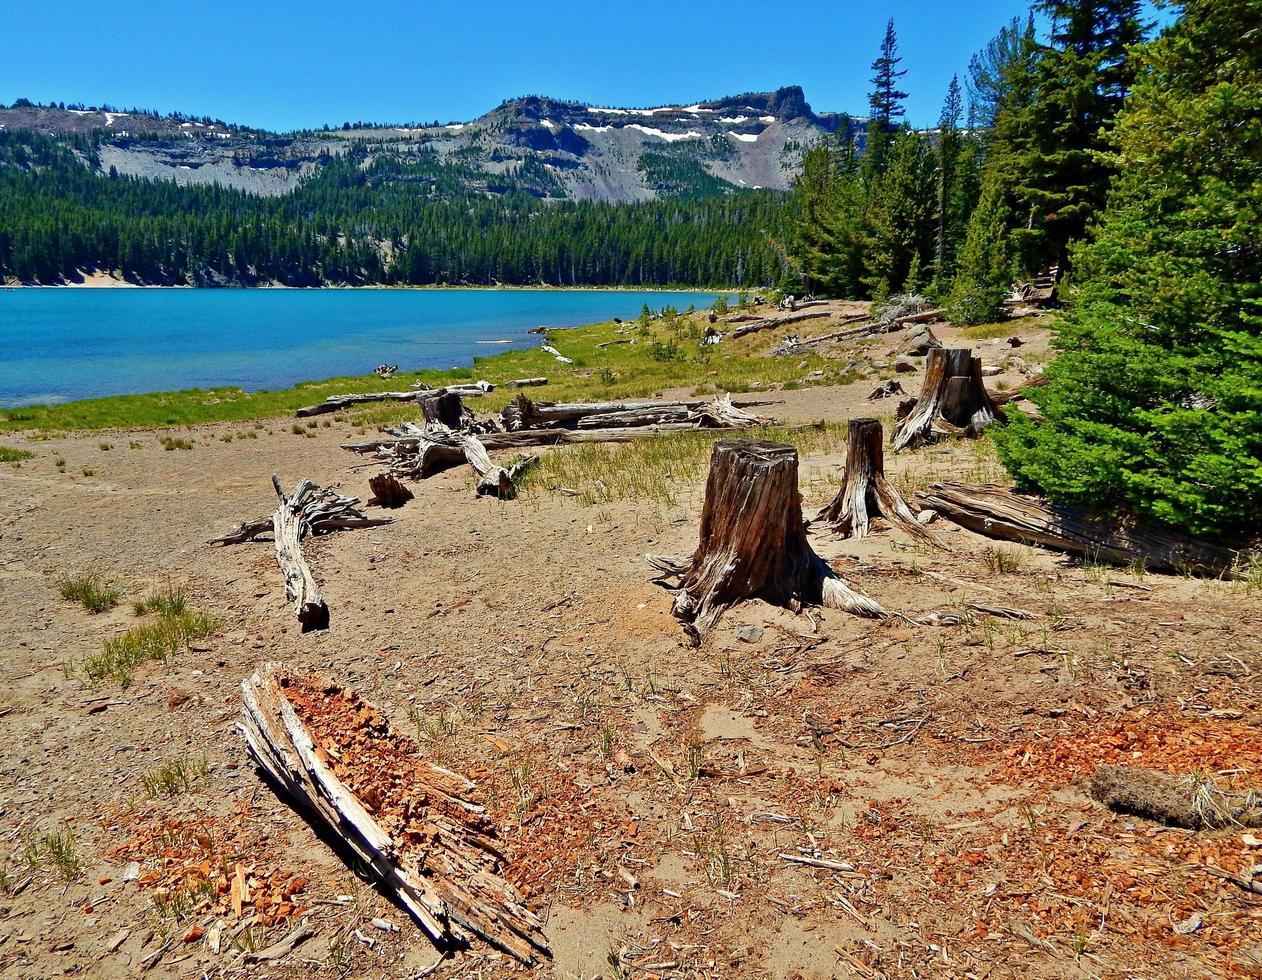 luglio a tre creek lake - tam mcarthur rim - vicino a sorelle, o foto